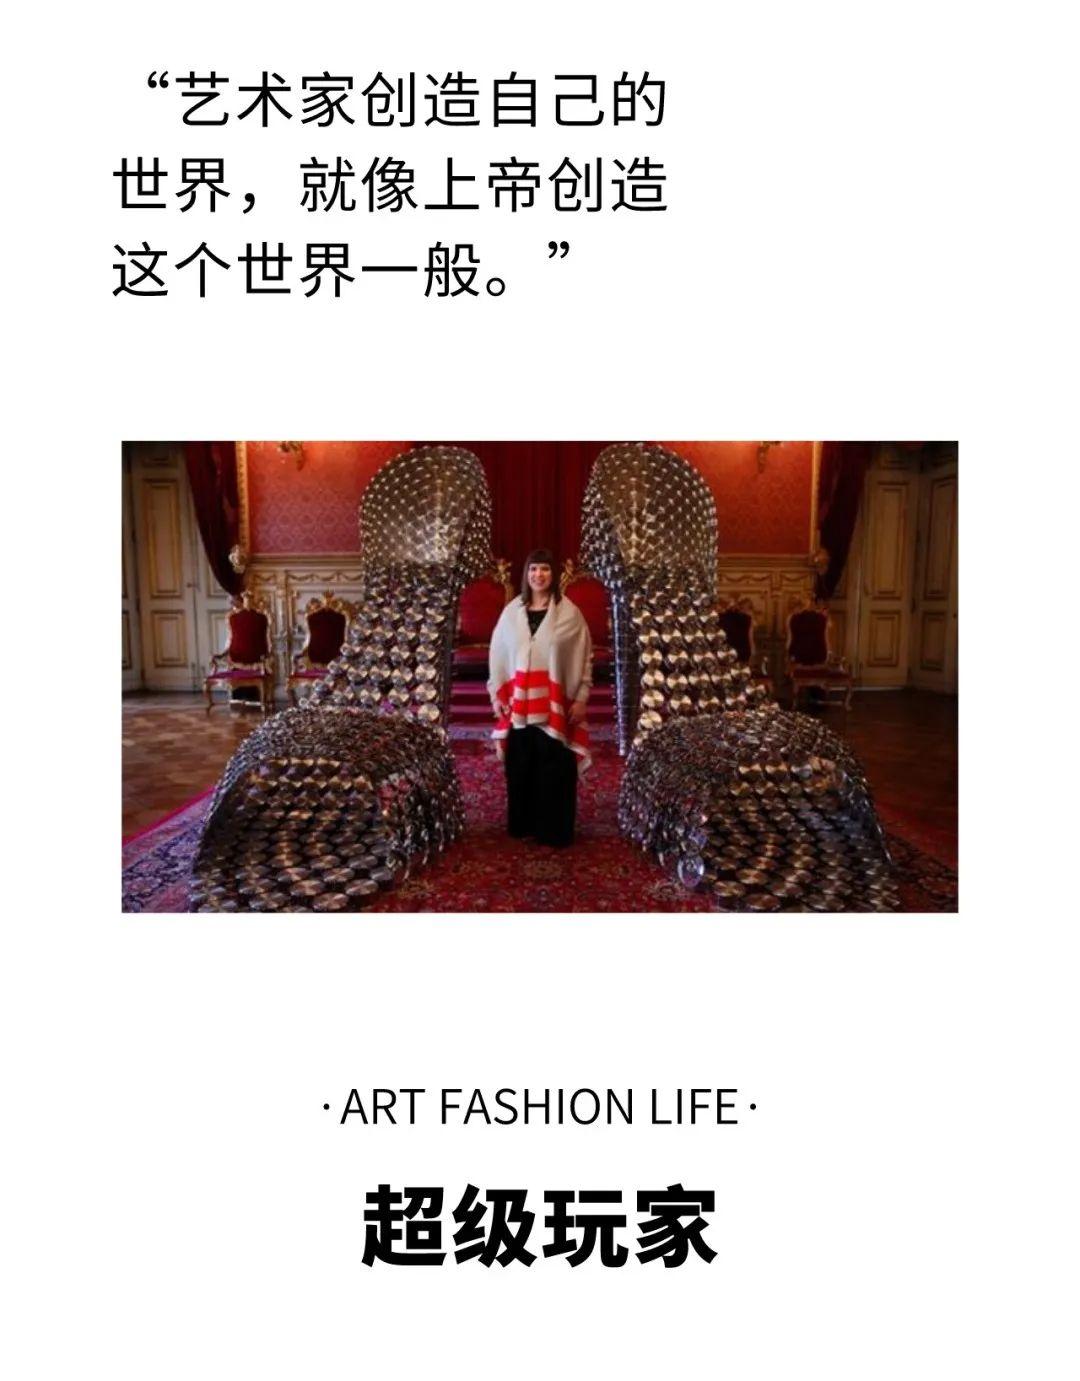 她用平底锅做高跟鞋,卫生棉做吊灯,还受邀在凡尔赛宫办展?